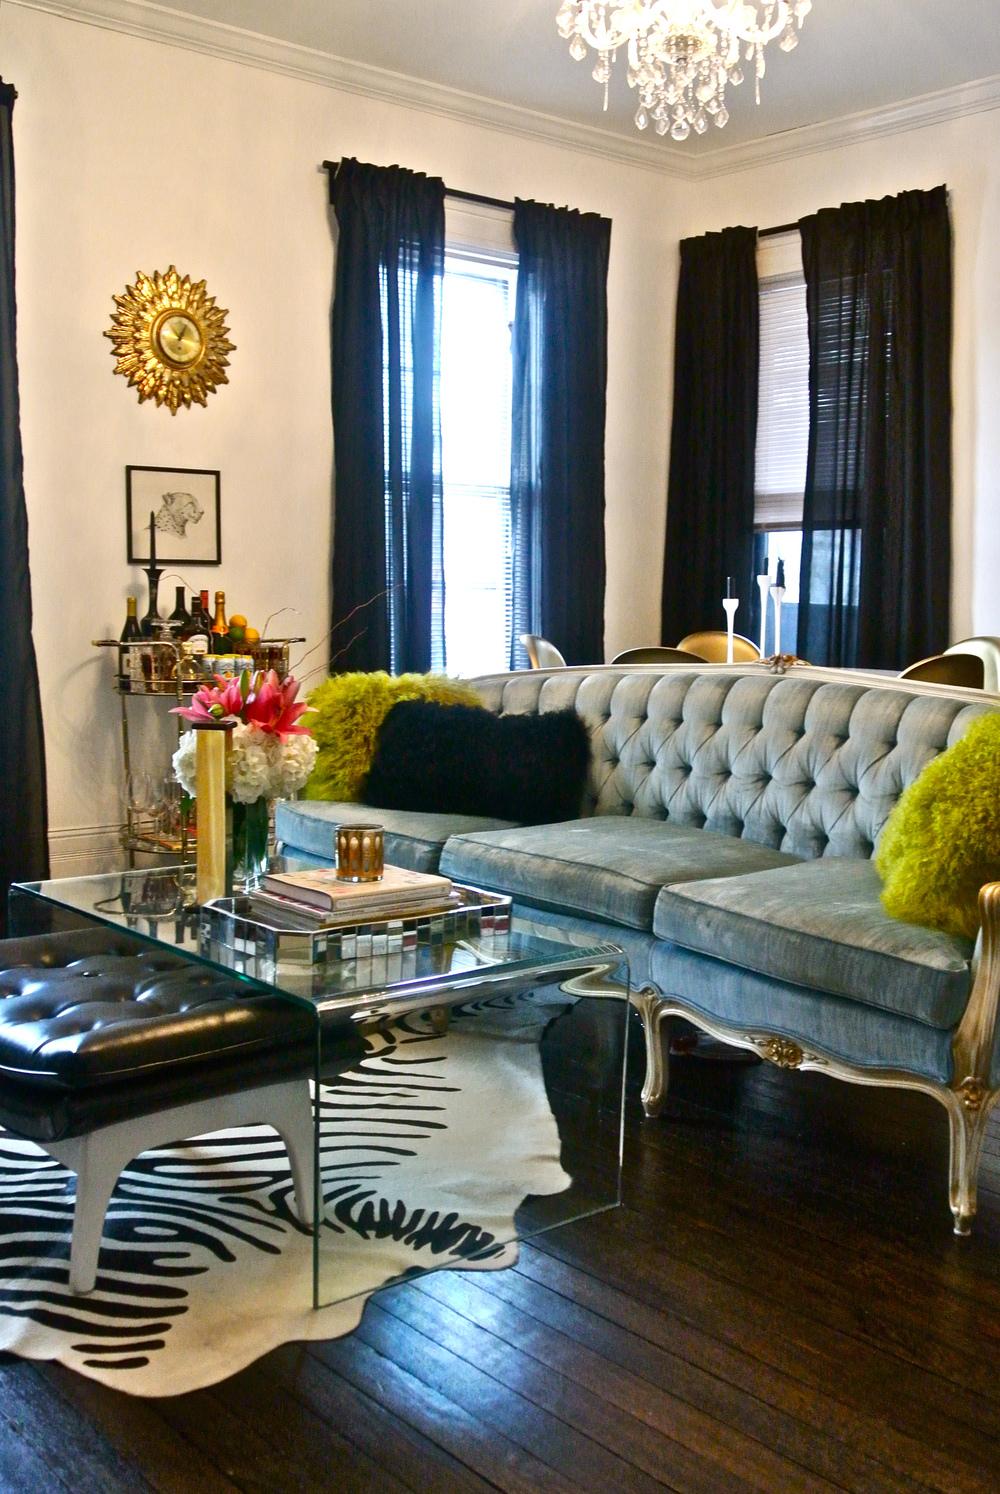 anyak-home-tour-Livingroom1.jpg